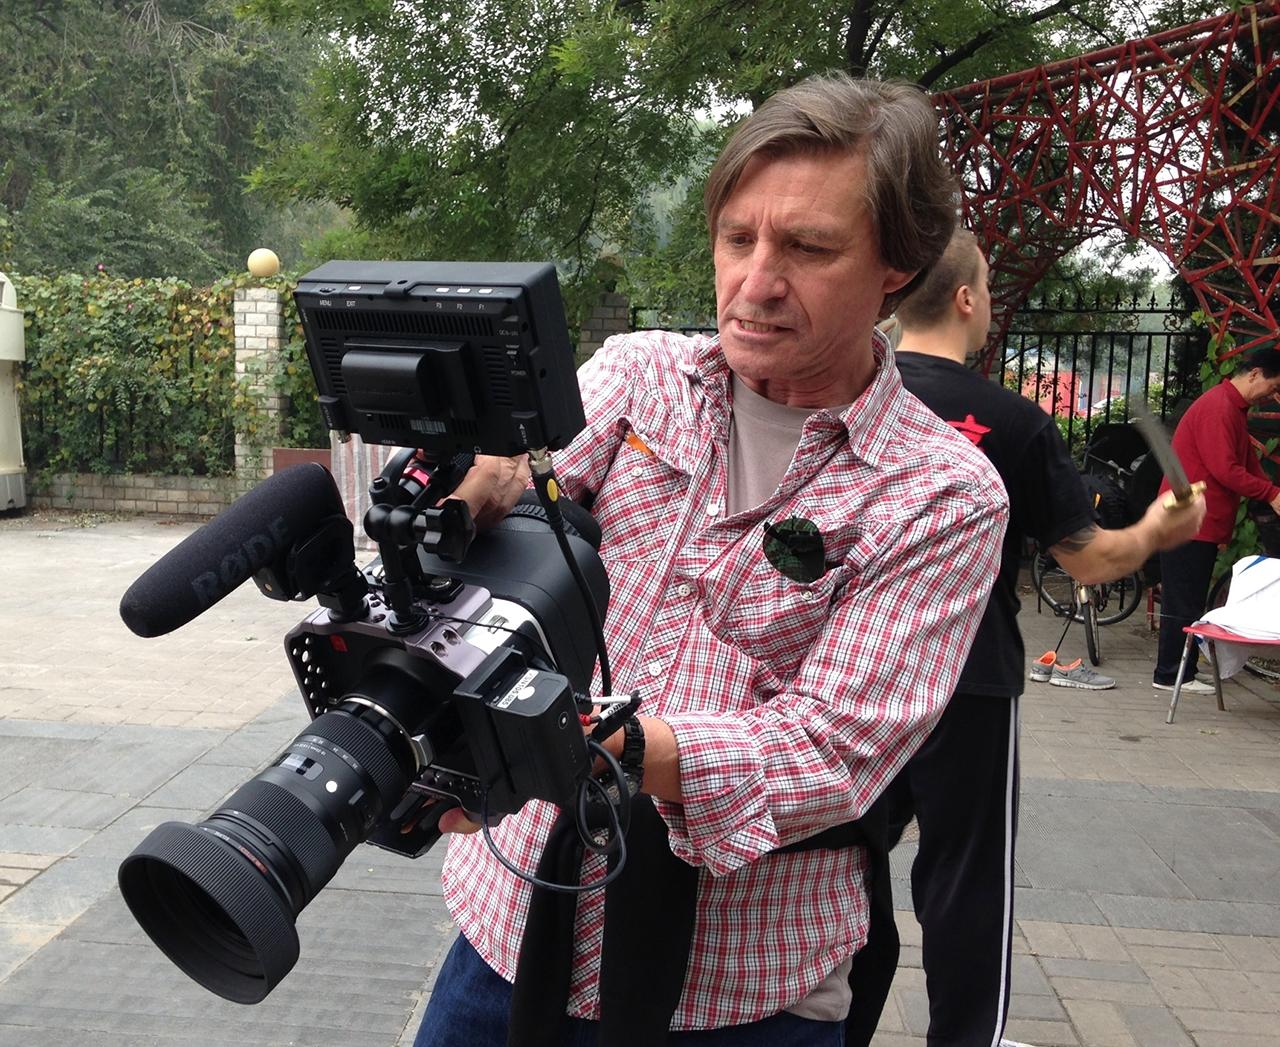 Director Jon Braeley reviewing footage, Beijing 2013